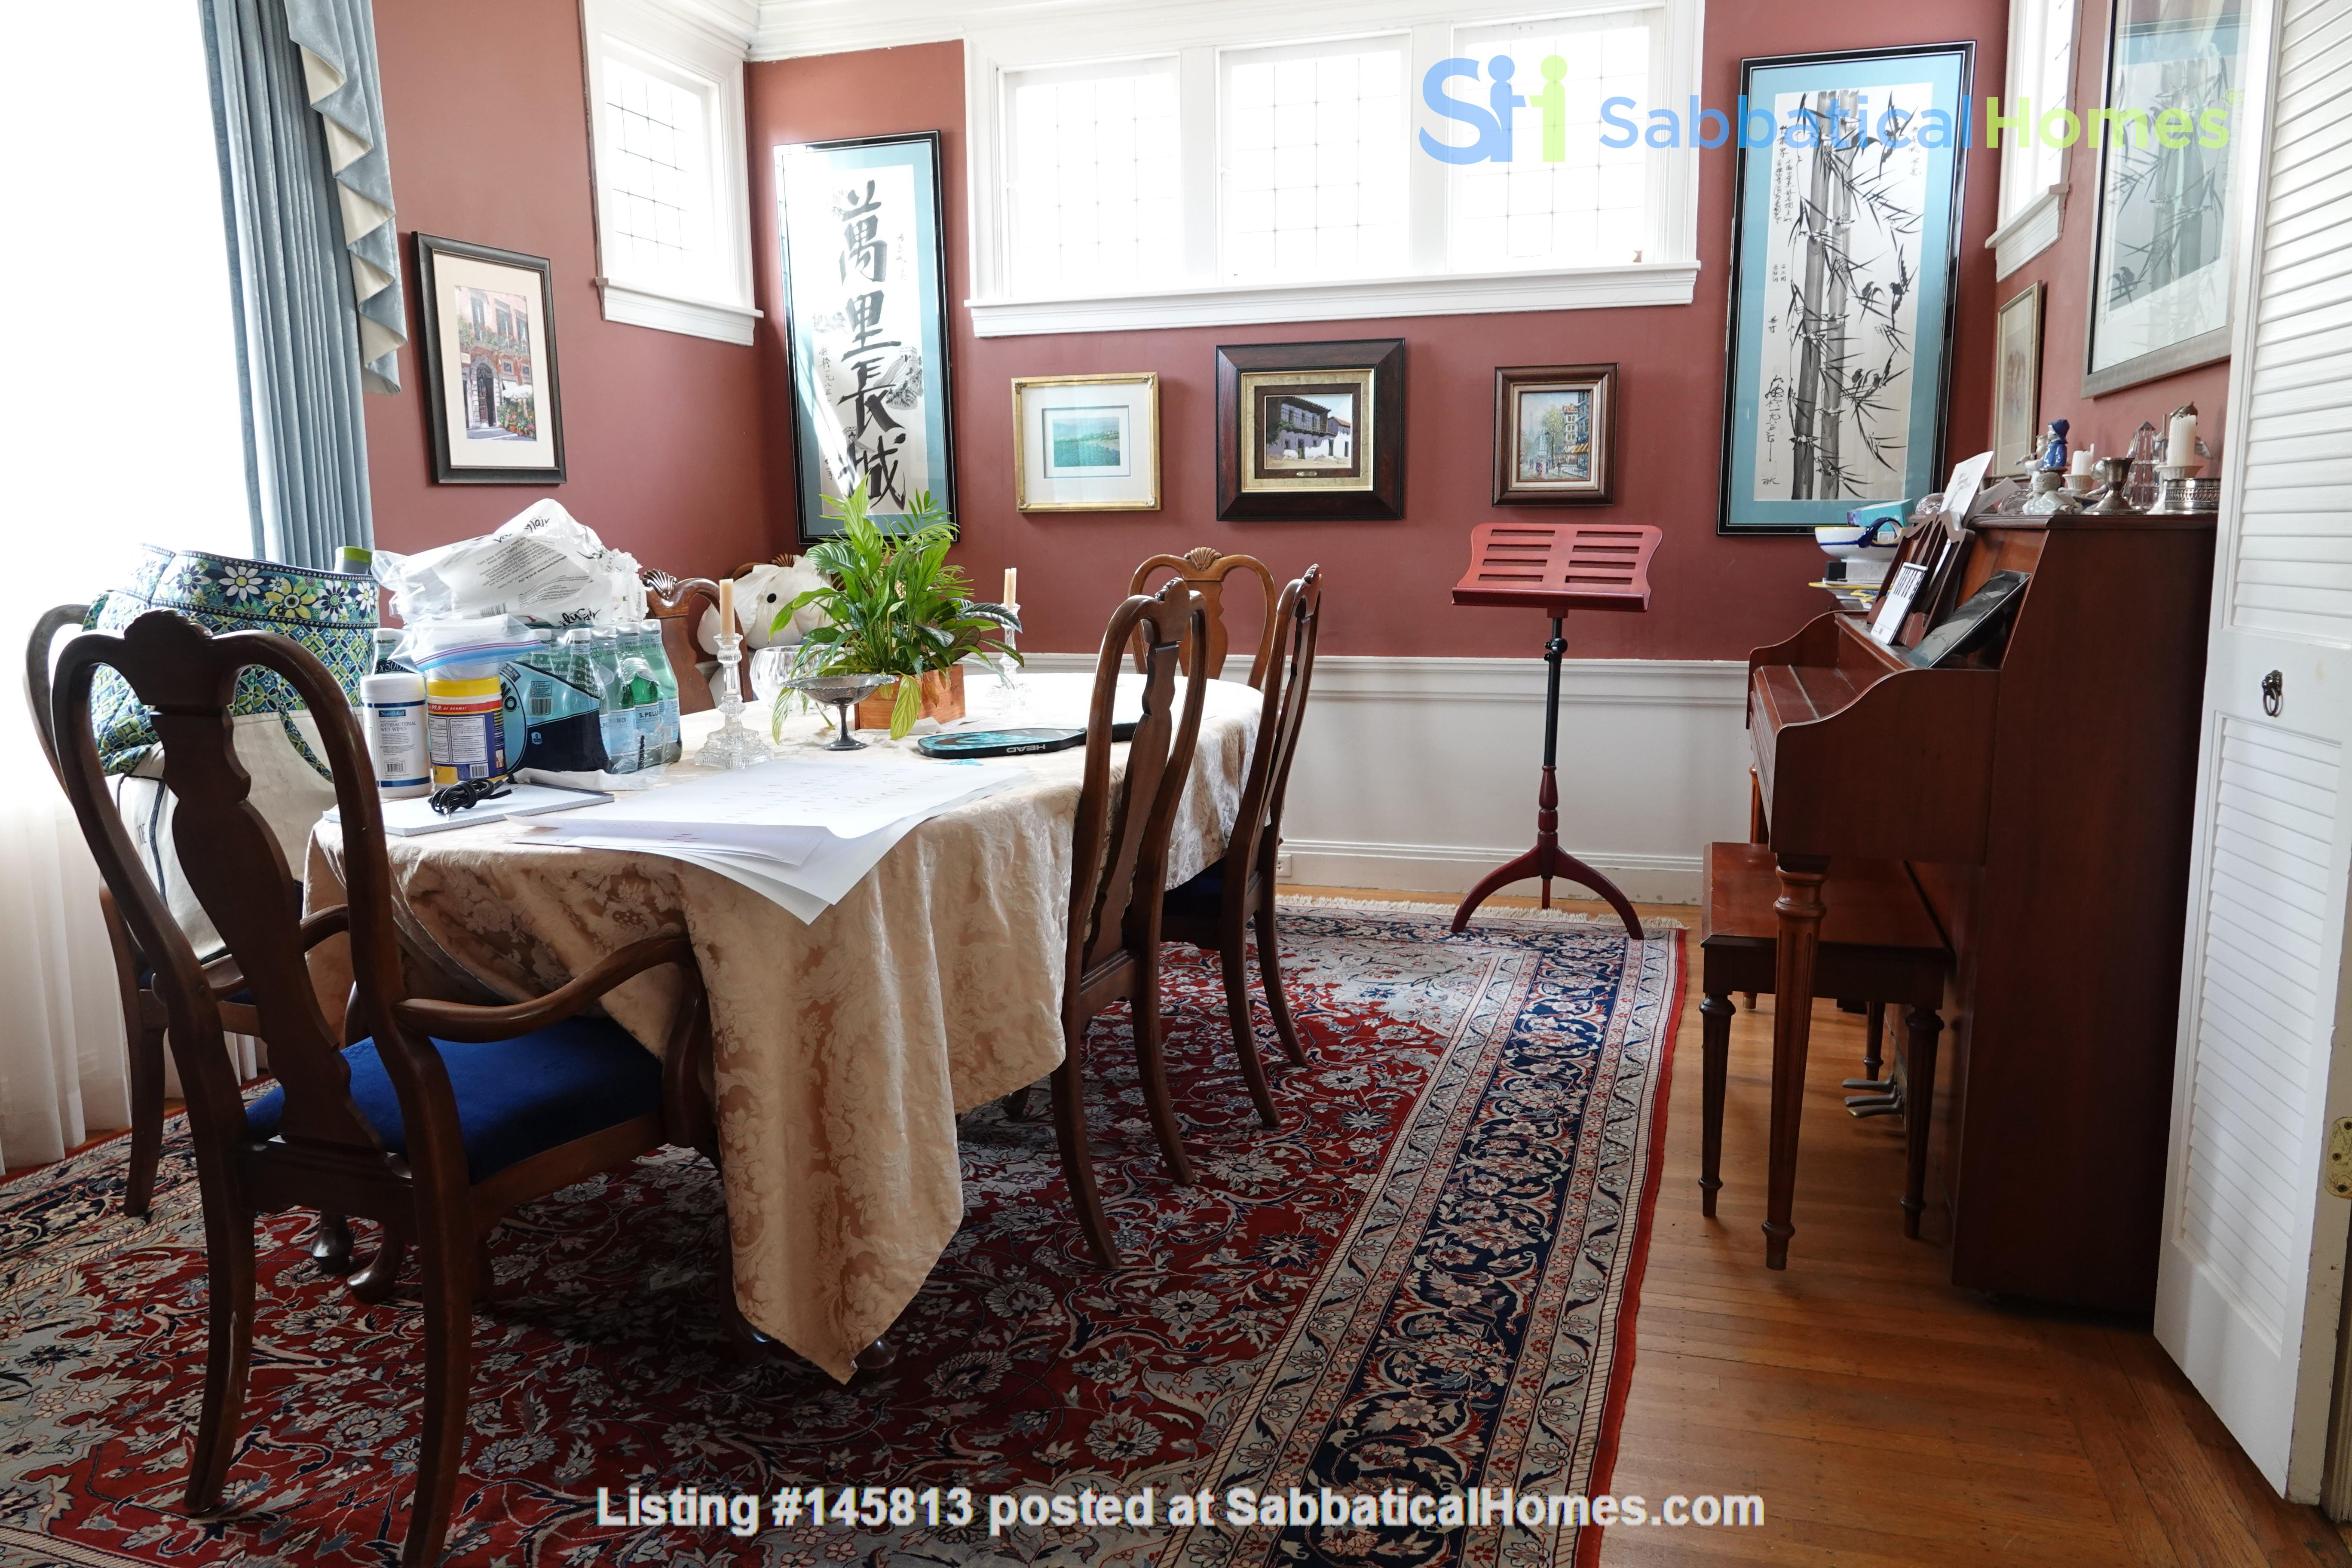 Looking for 2-3 bedroom in New York City Home Exchange in Berkeley 3